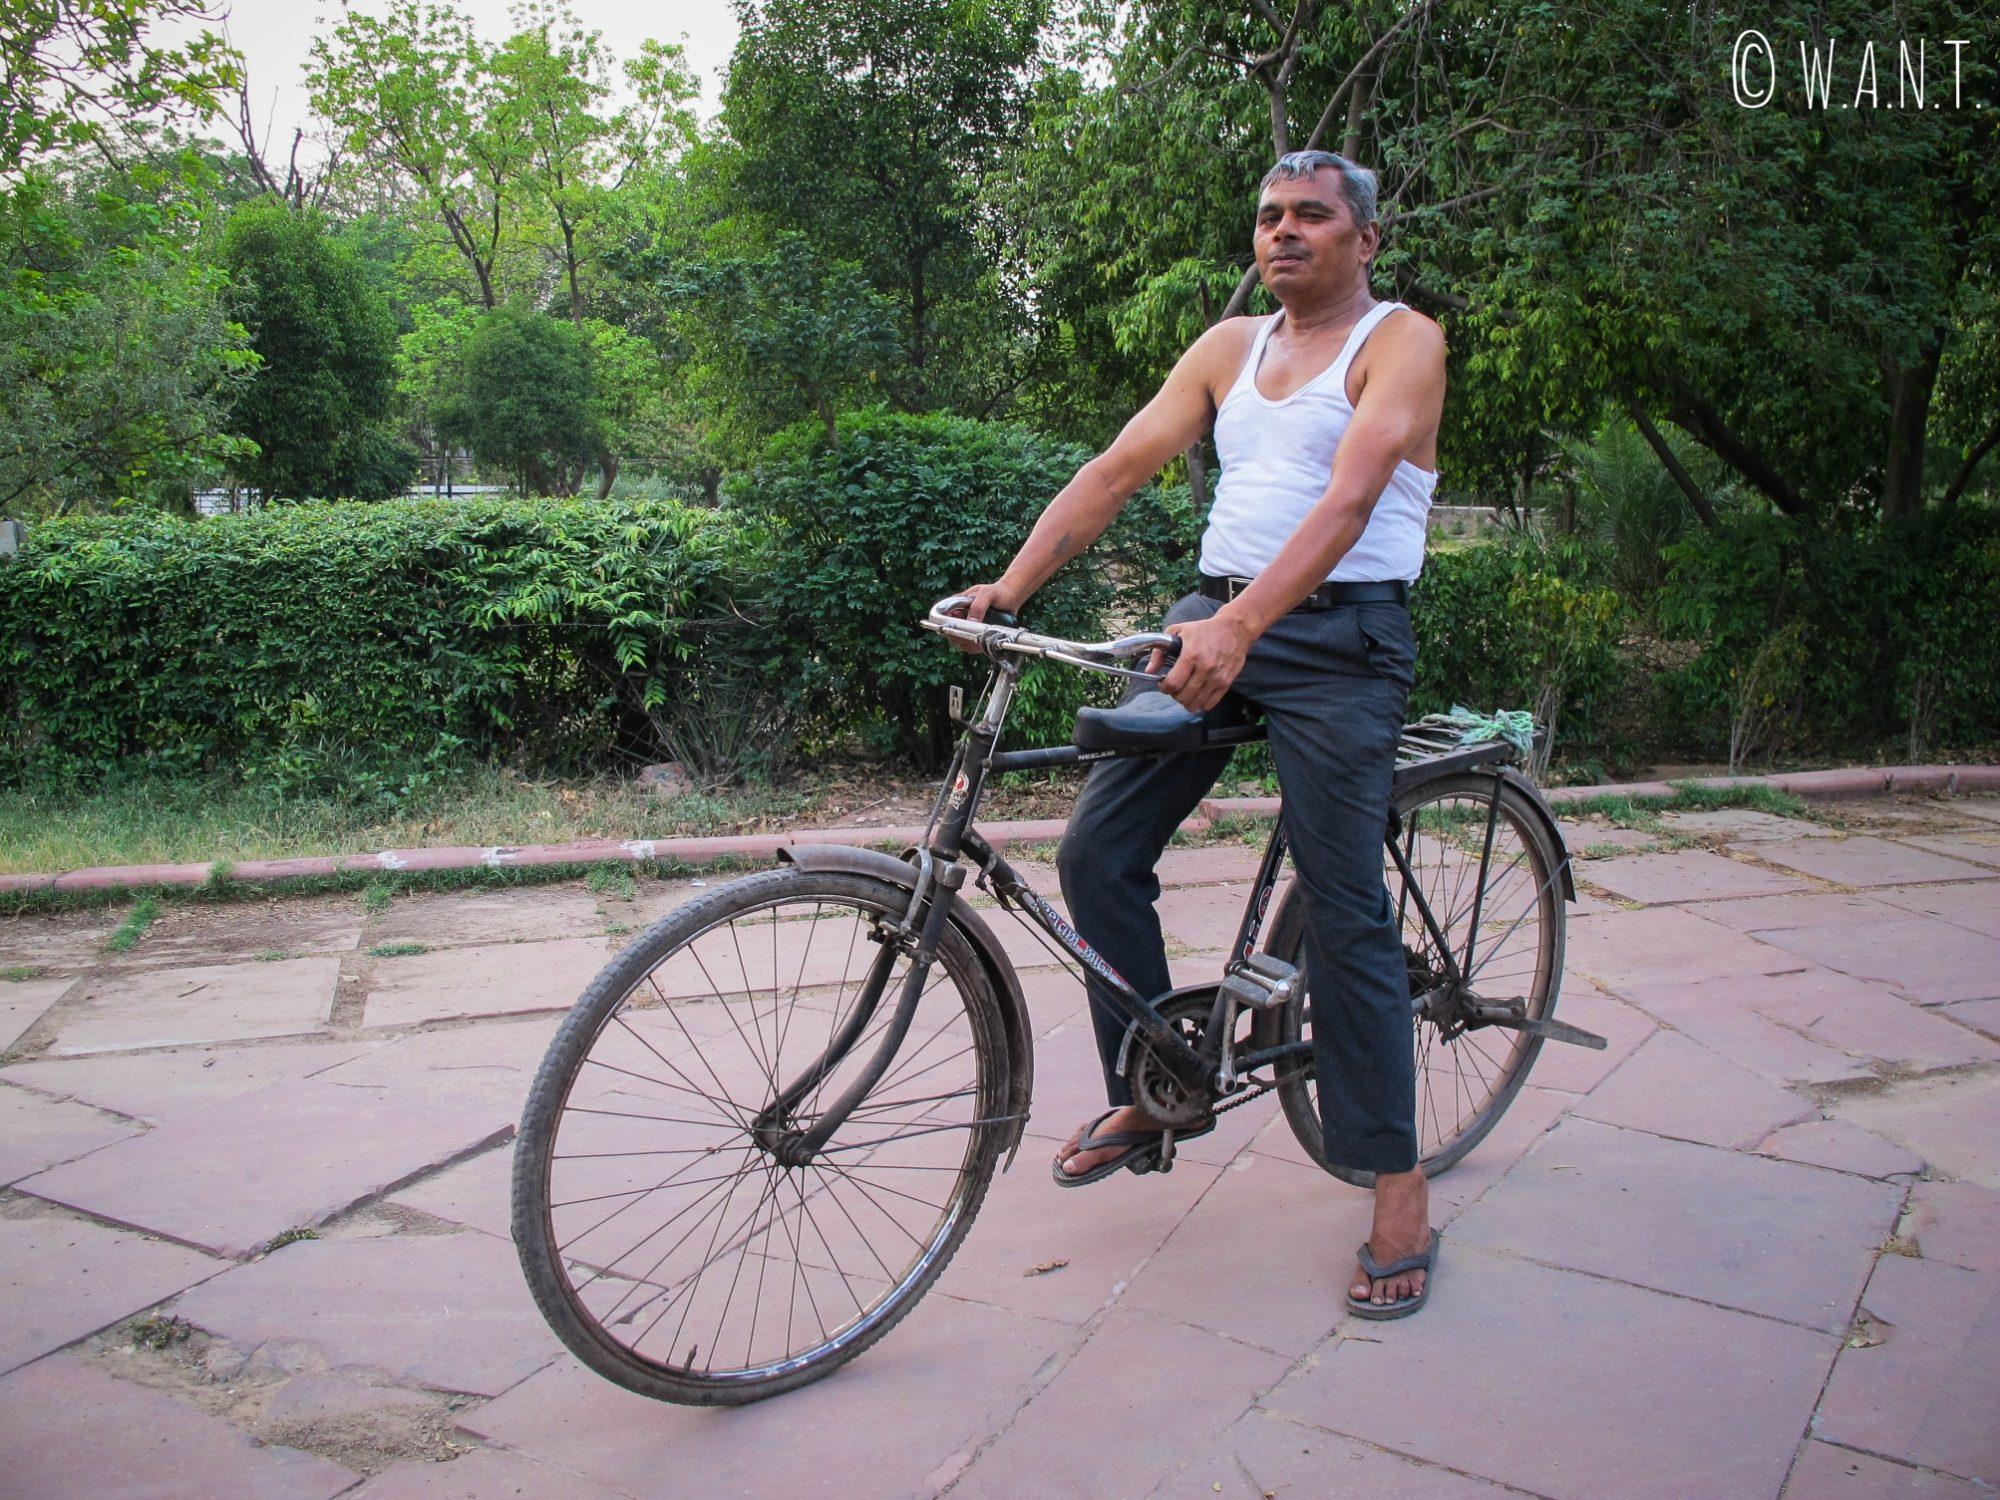 Le fameux monsieur qui est venu nous proposer des substances illicites dans le parc Shahjahan d'Agra